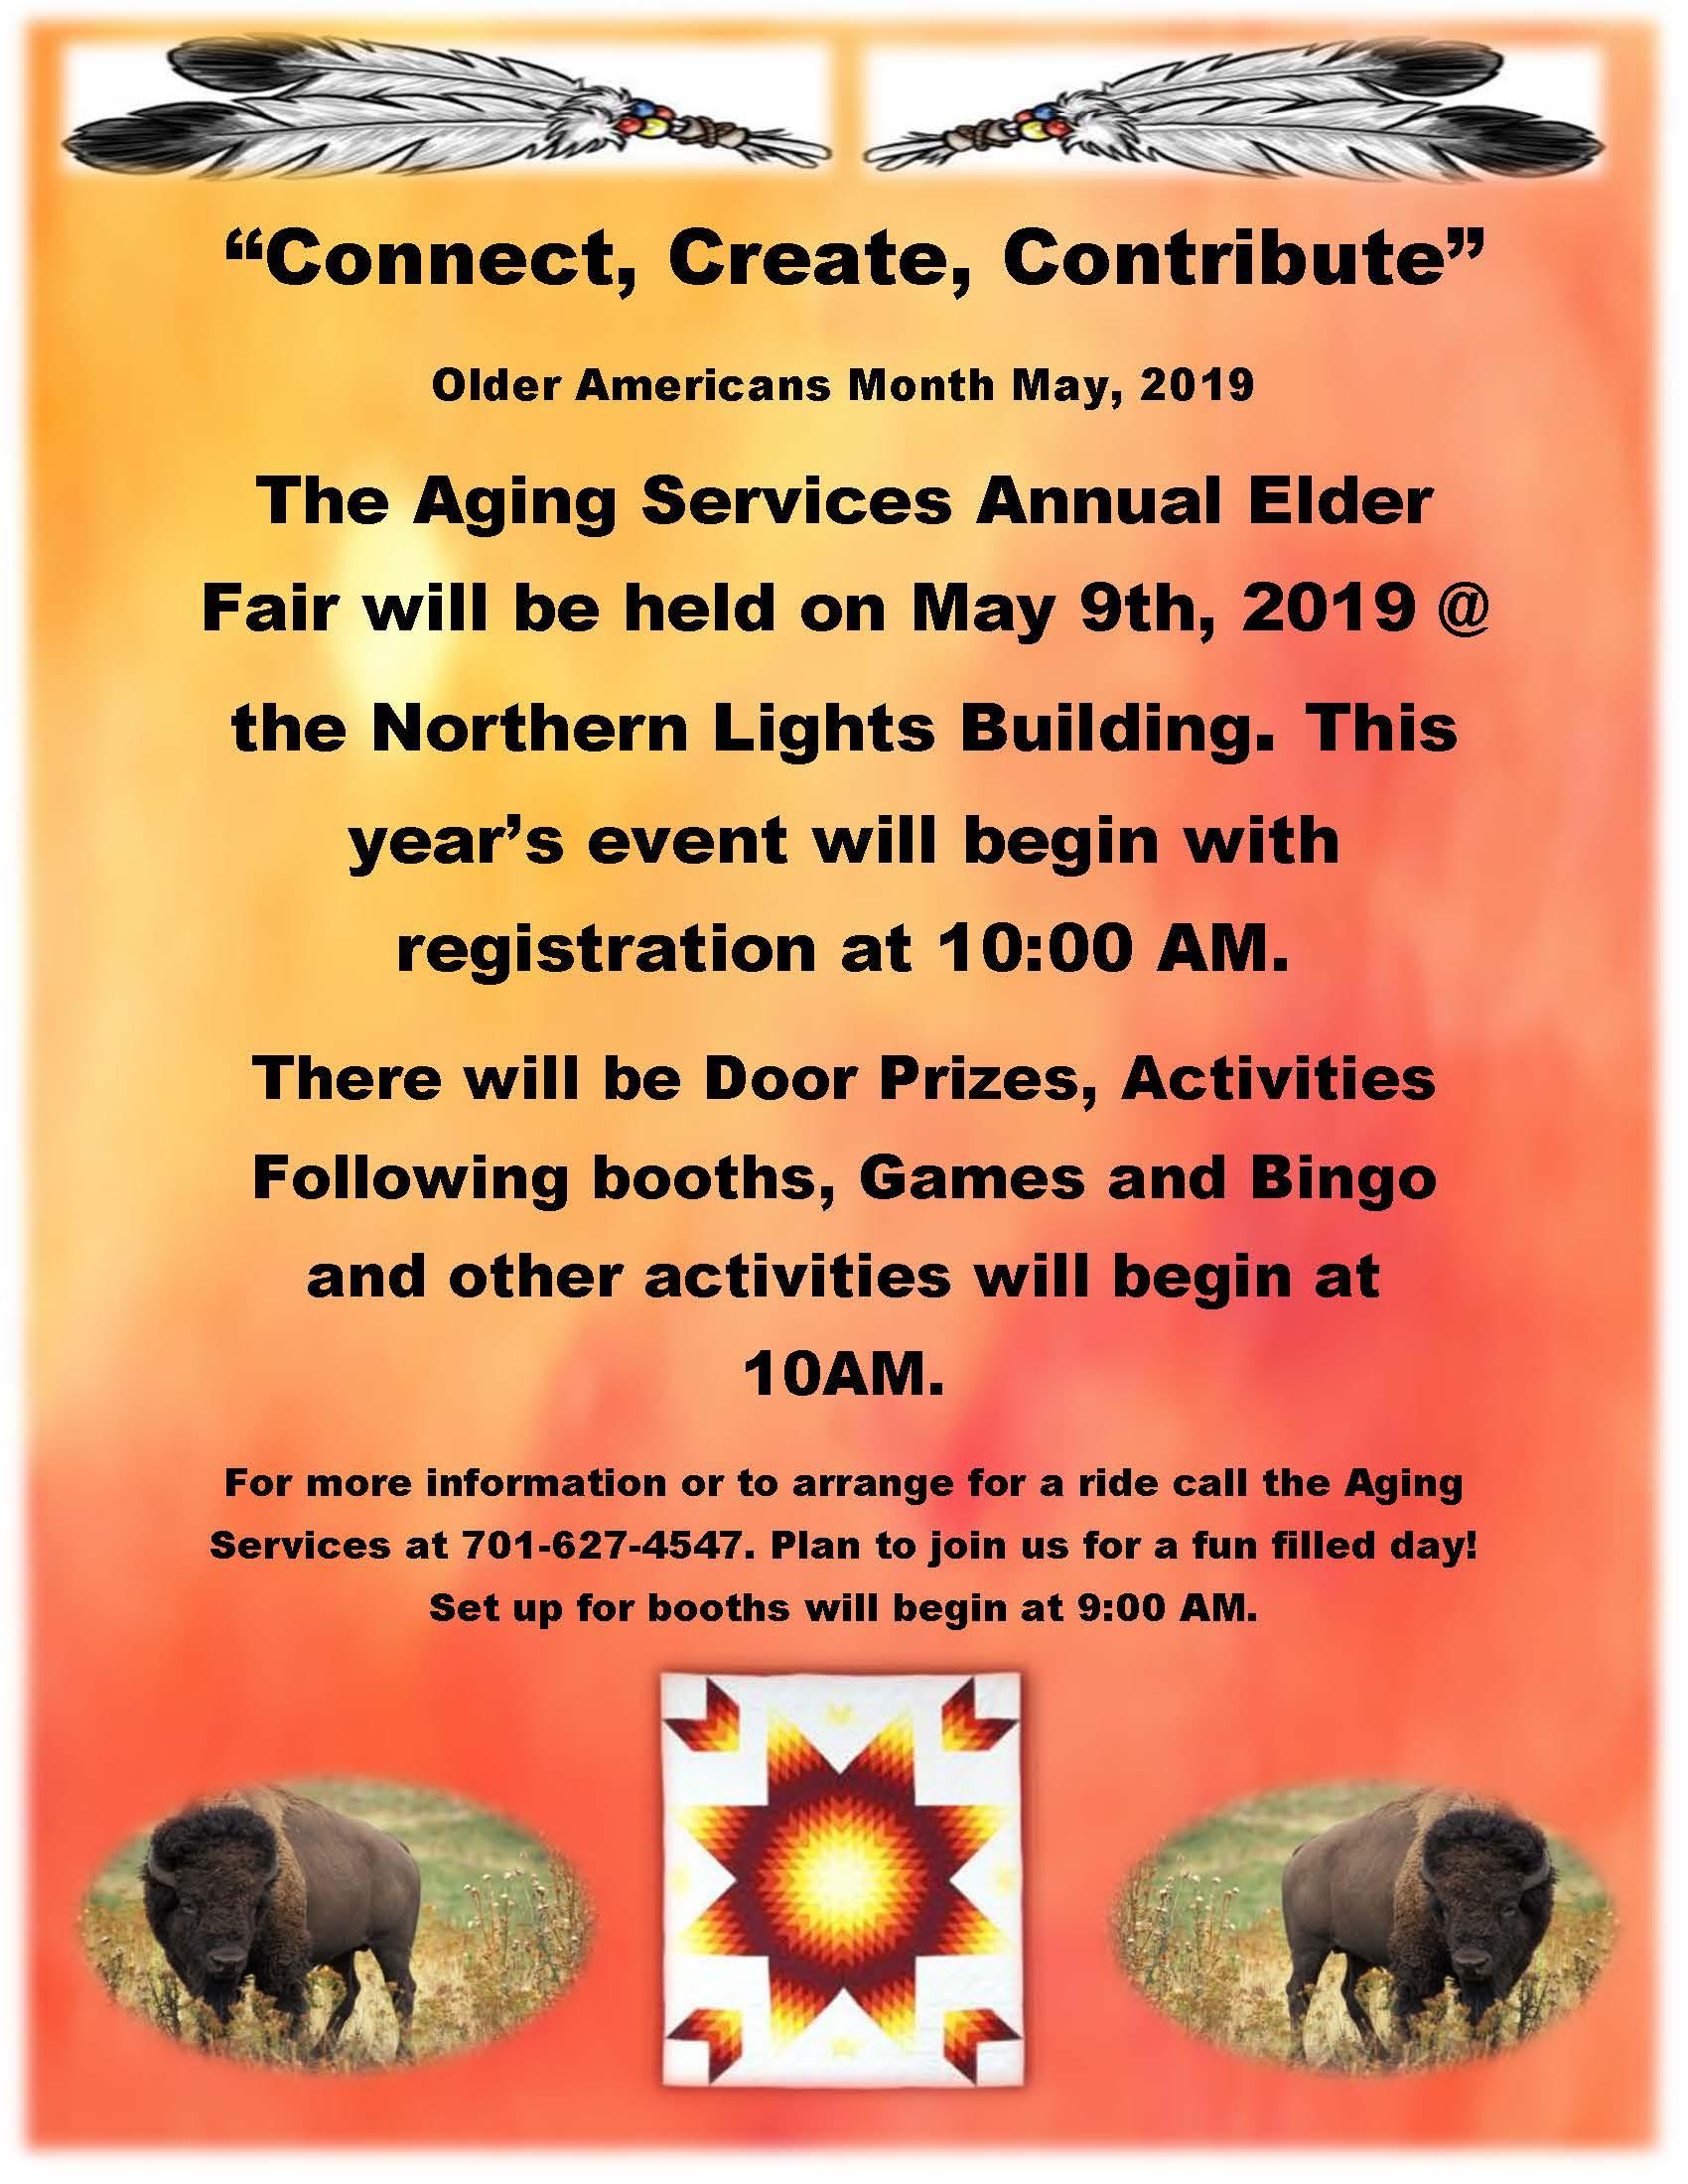 Connect Create Contribute Annual Elder Fair 2019.jpg